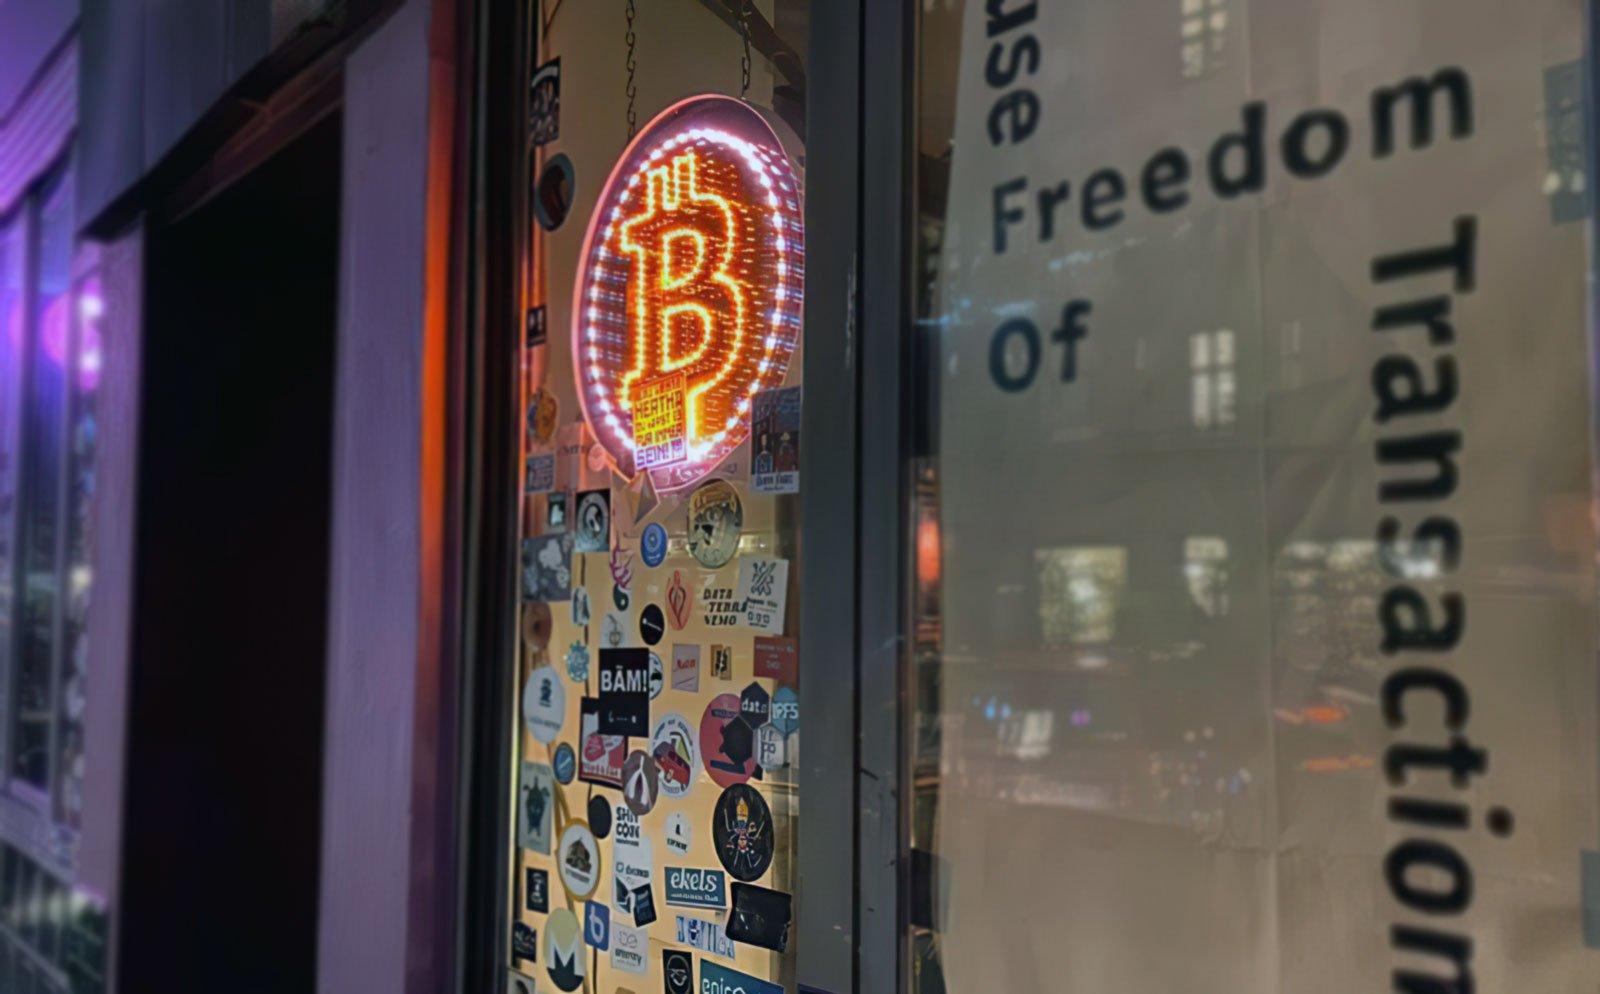 Закрылся бар, в котором впервые в мире начали принимать биткоин в качестве оплаты